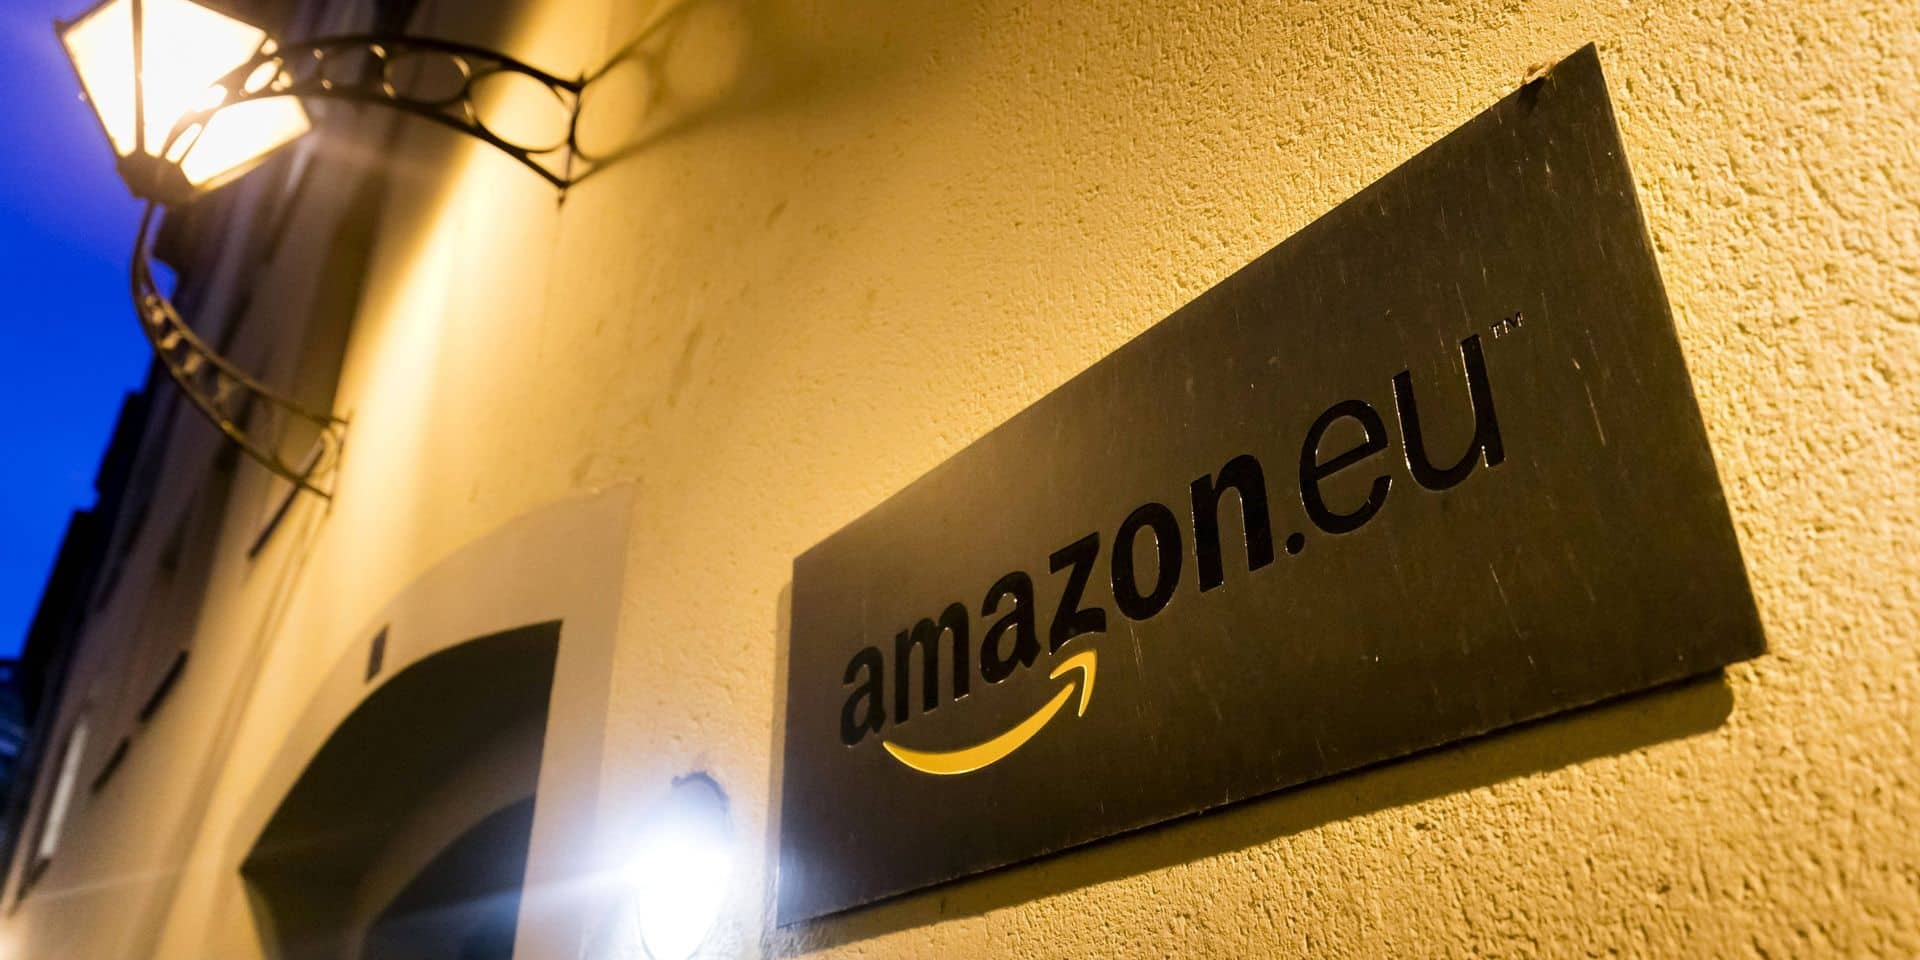 Bruxelles se prononce aujourd'hui sur les aides d'Etat illégales accordées à Engie et Amazon